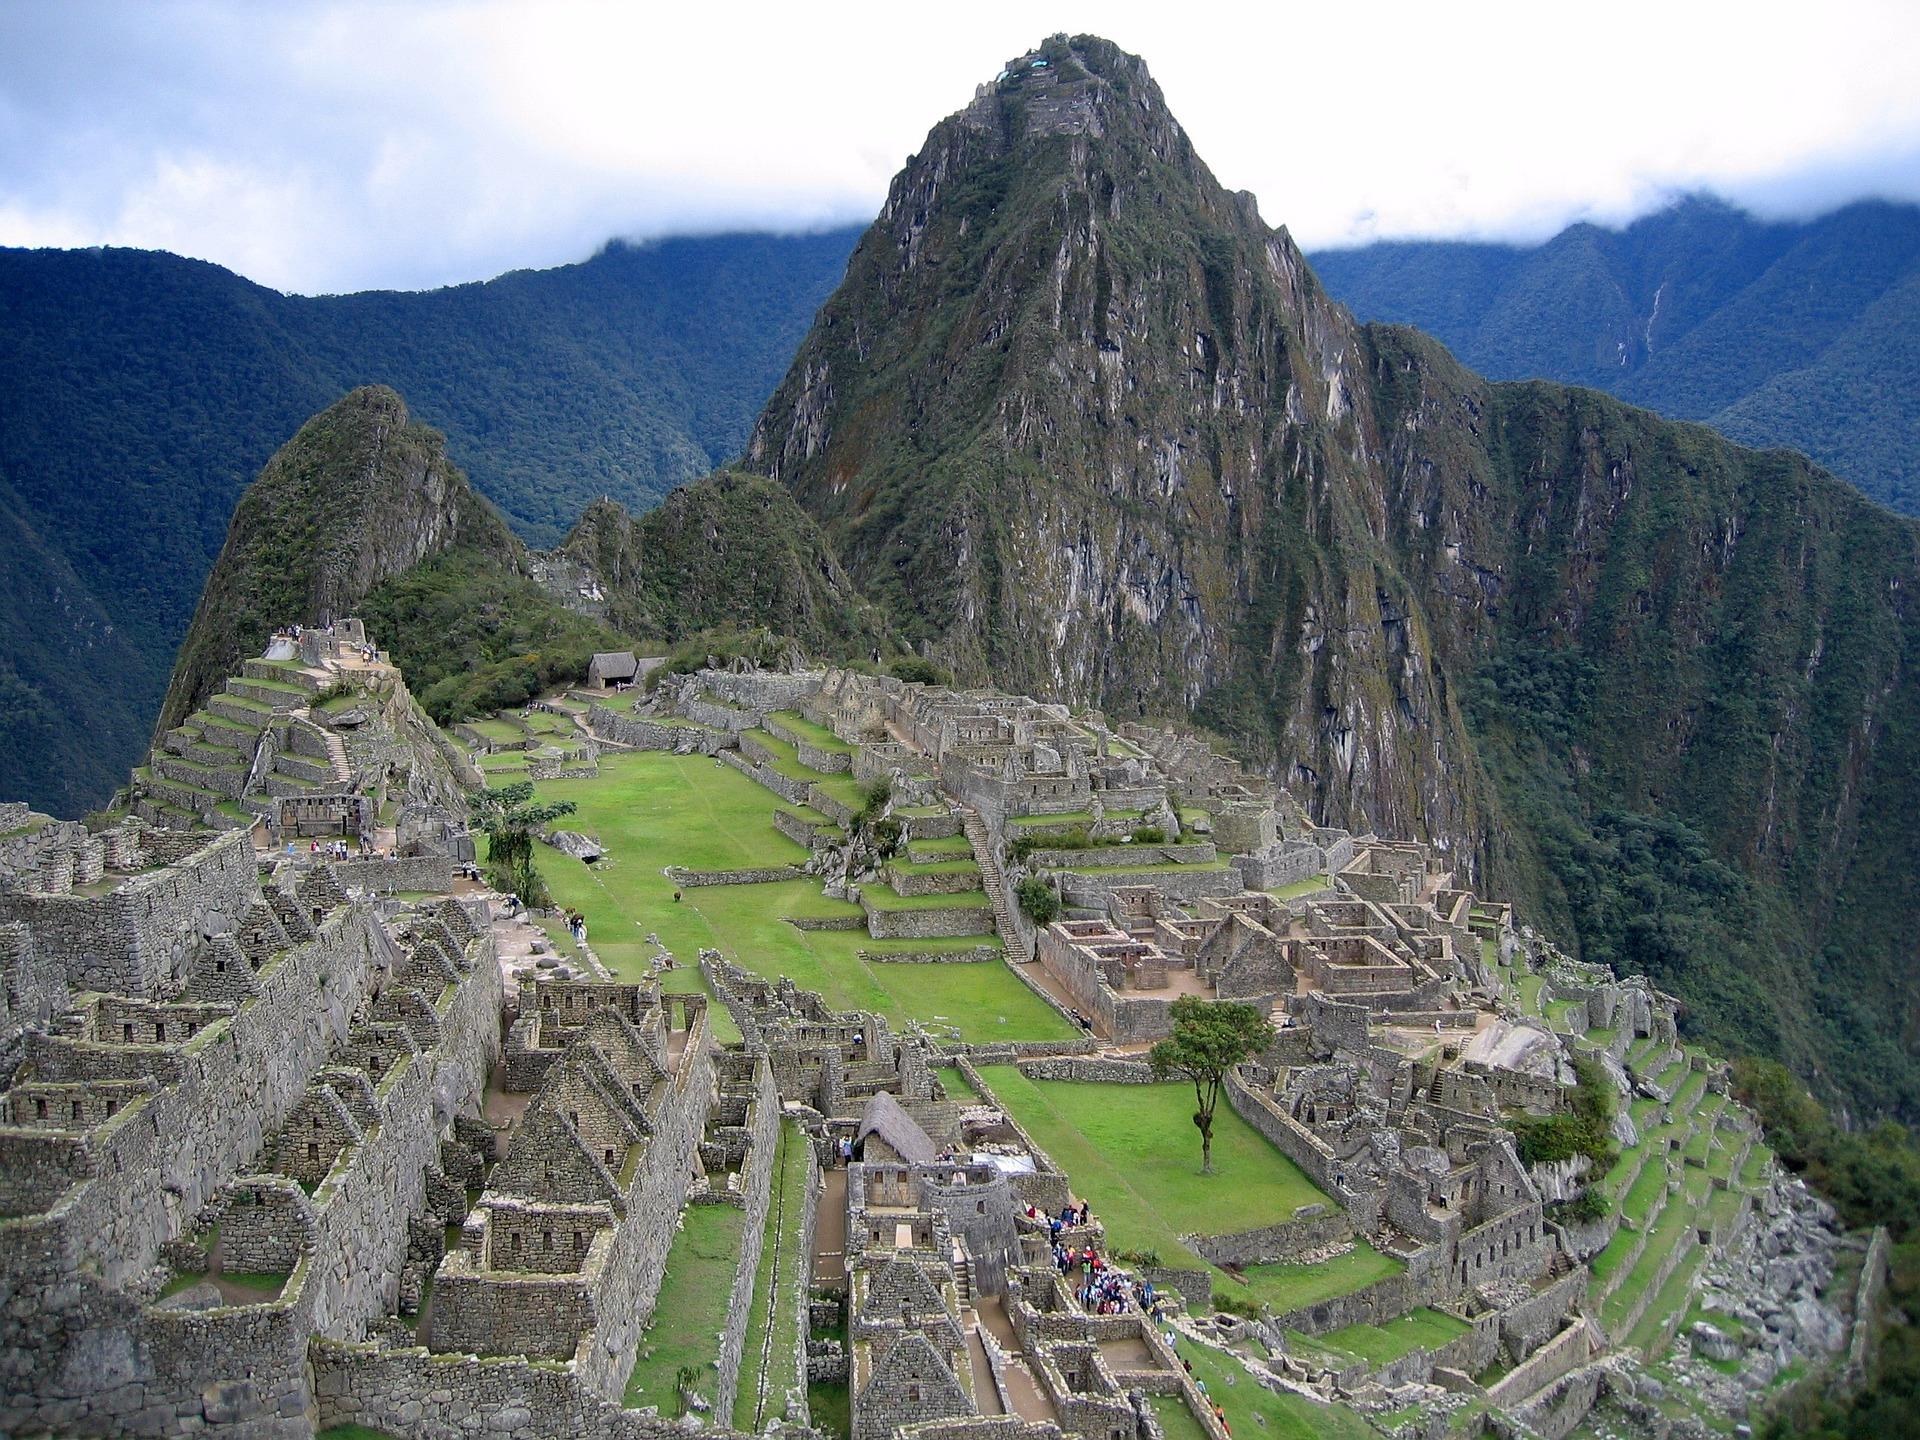 Machu Pichu, Perù - Foto di Johnnie Shannon